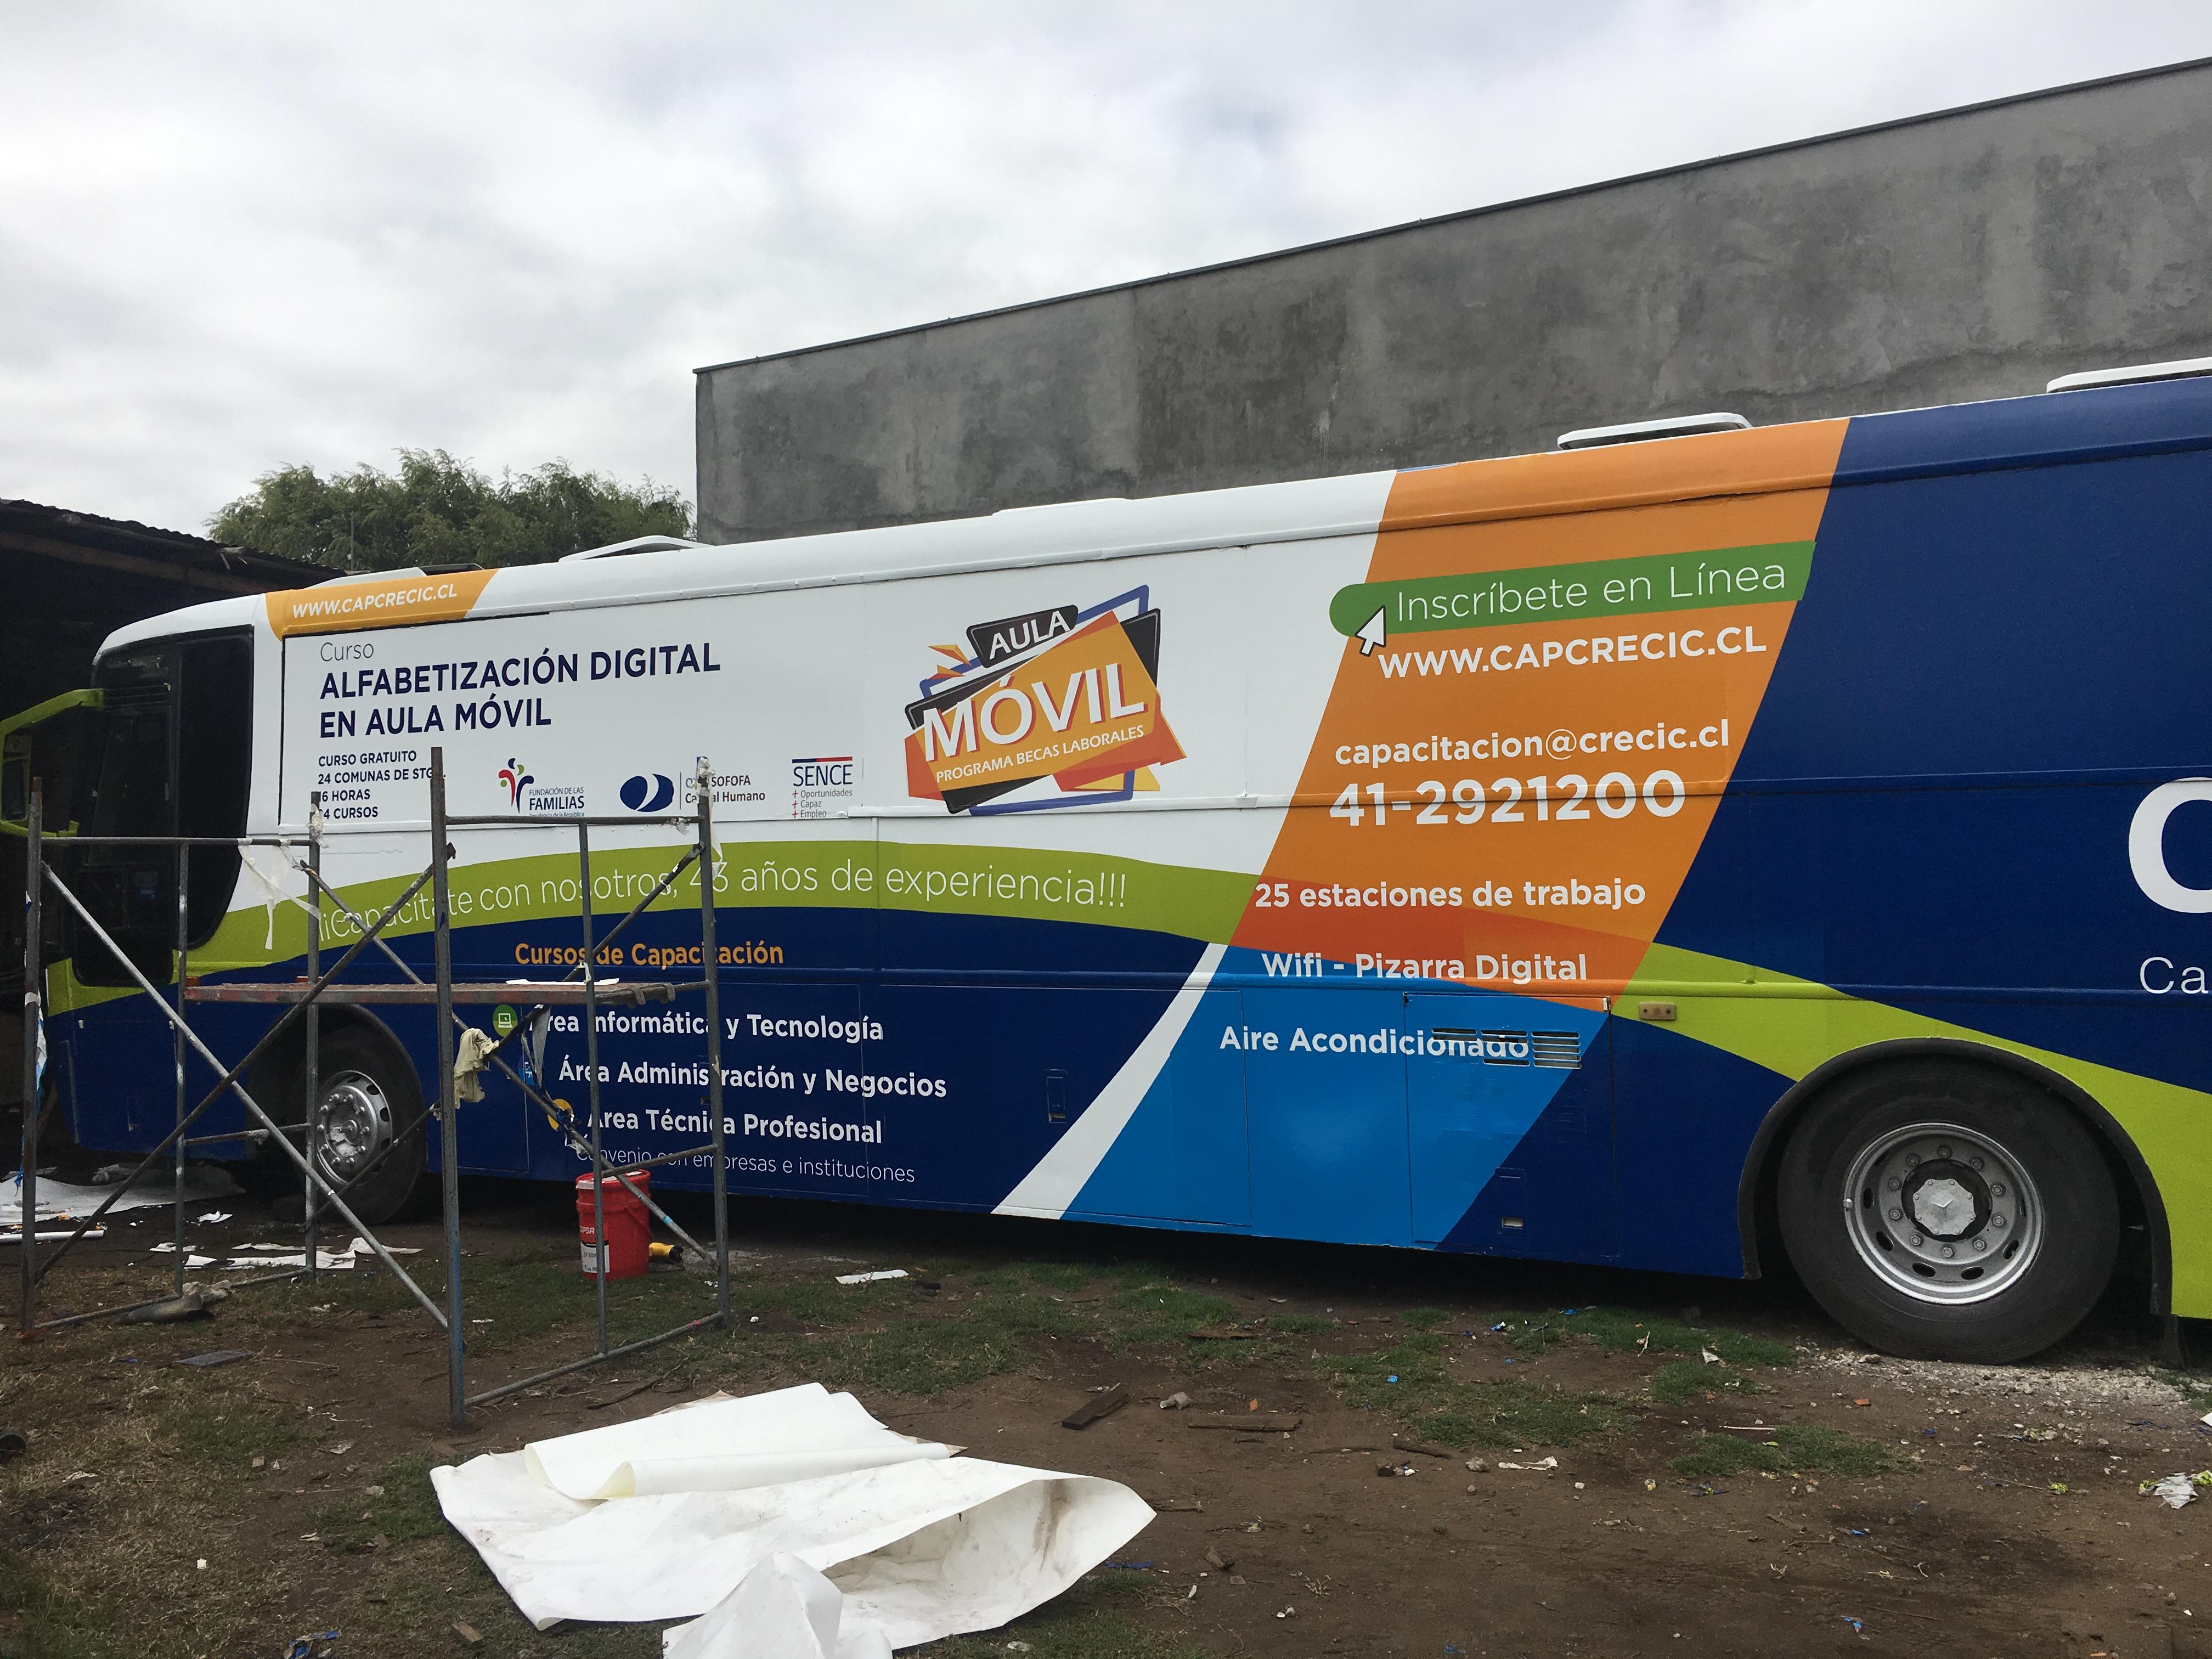 DPImpress - Adhesivo vehicular Crecic Concepción